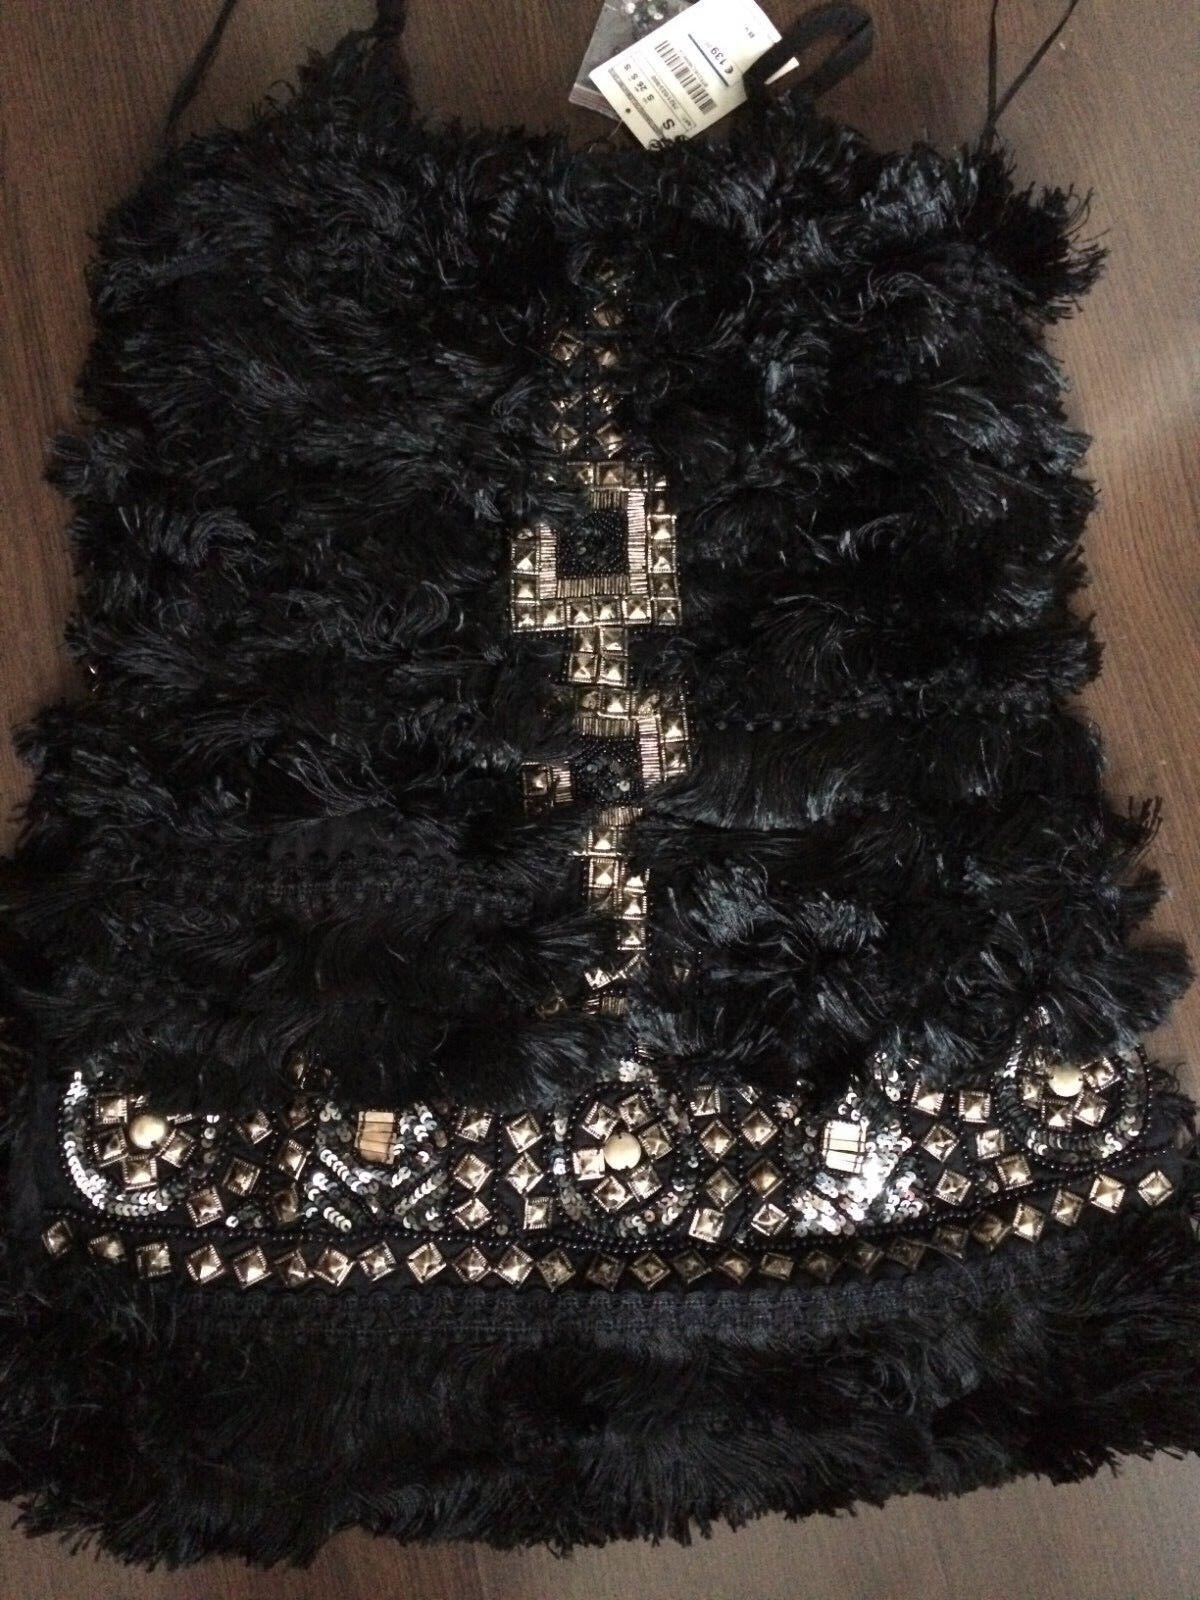 d00c815cdd1 ZARA Kleid schwarz ungetragen mit Etikett Etikett Etikett Gr.S LIMITED  EDITION